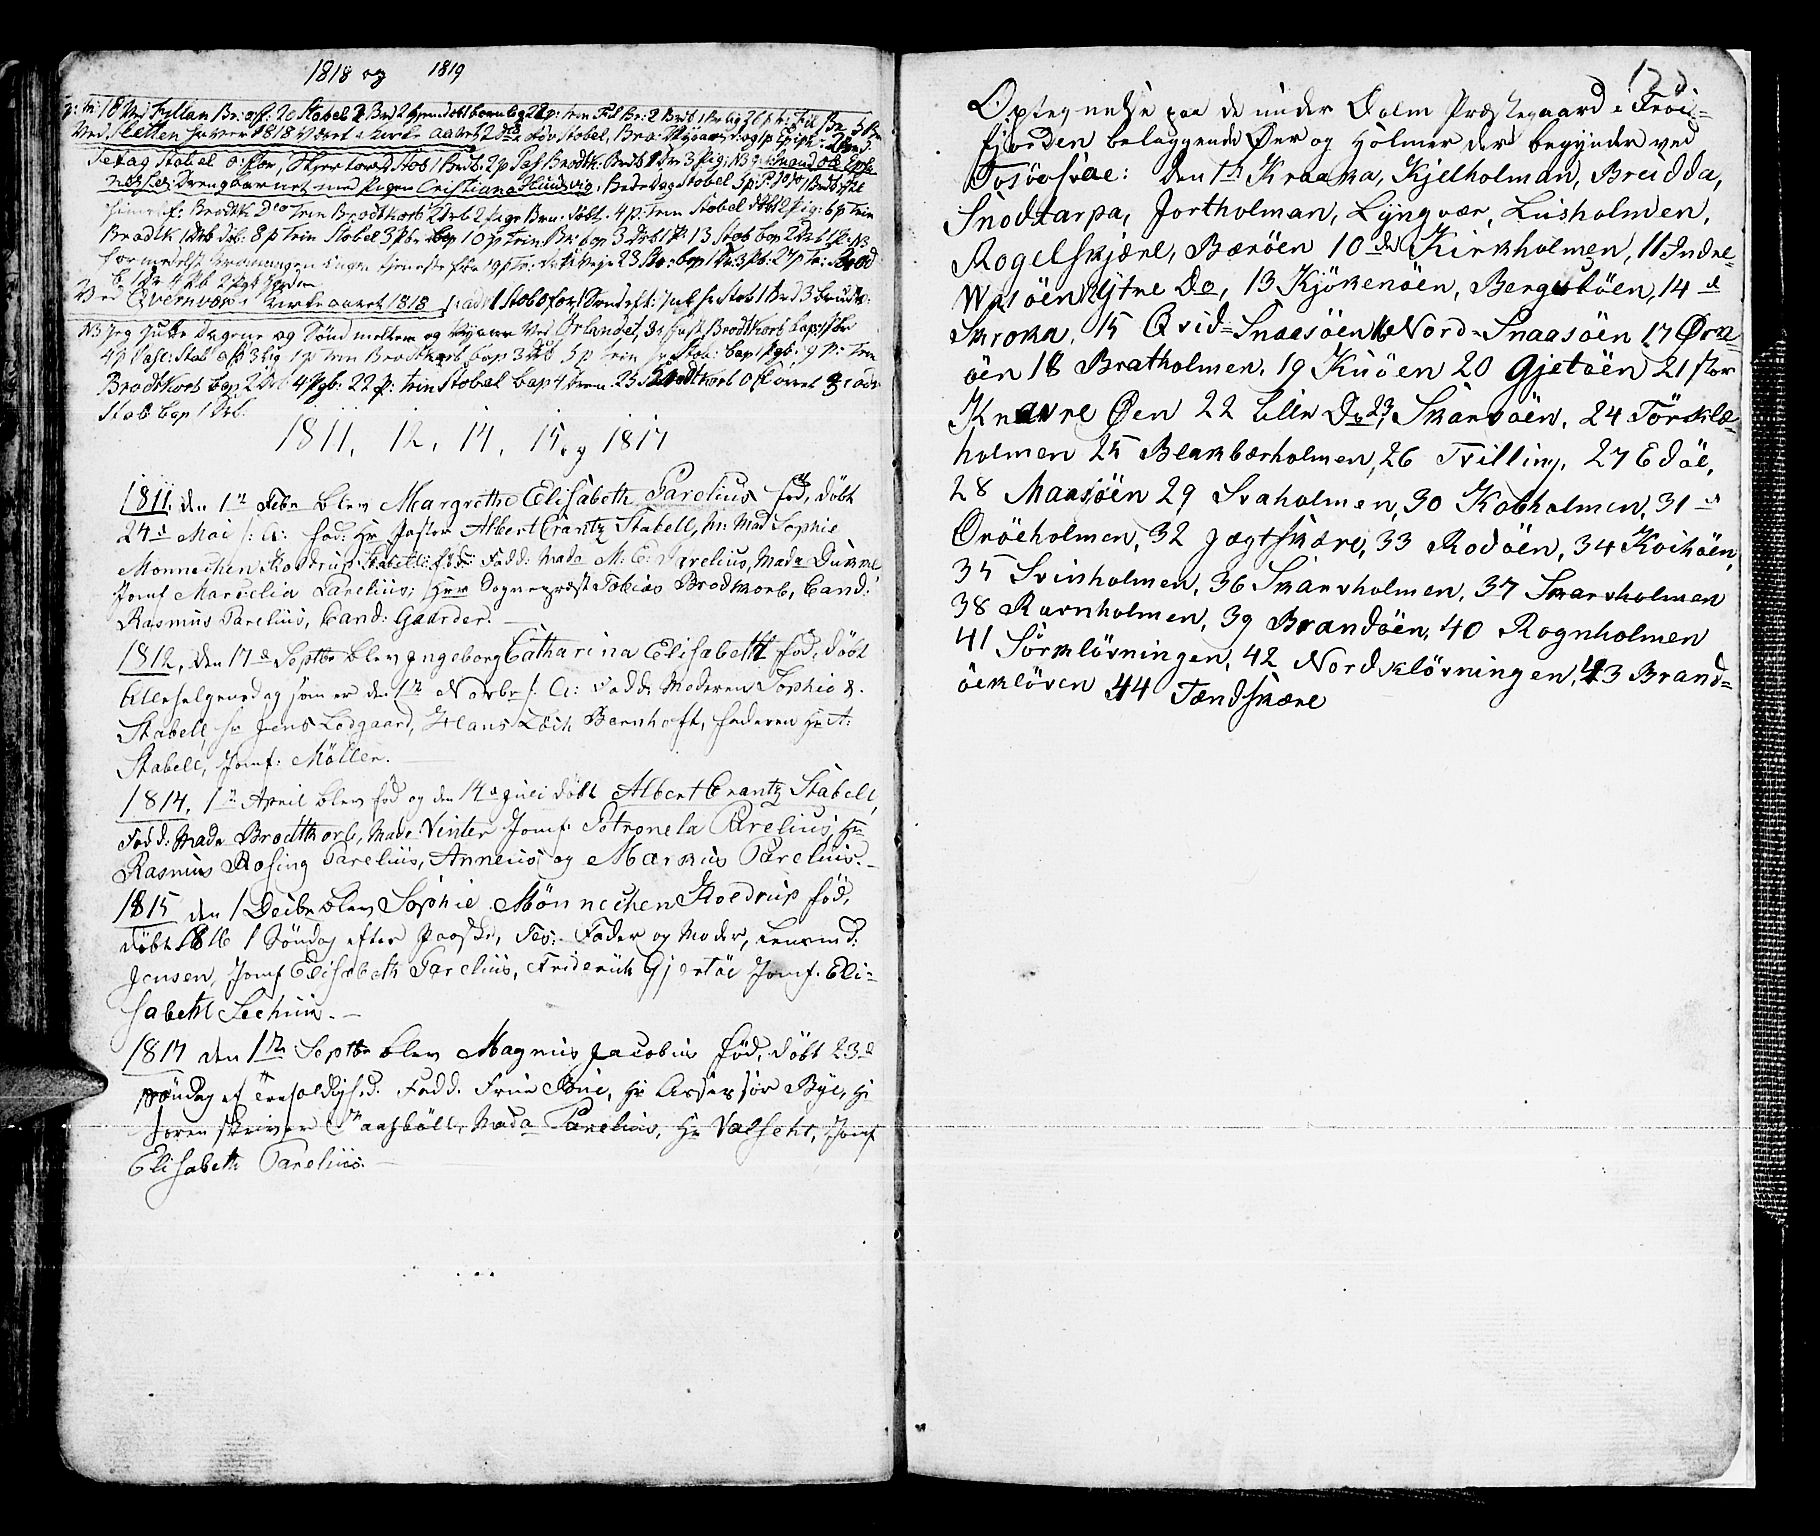 SAT, Ministerialprotokoller, klokkerbøker og fødselsregistre - Sør-Trøndelag, 634/L0526: Ministerialbok nr. 634A02, 1775-1818, s. 177